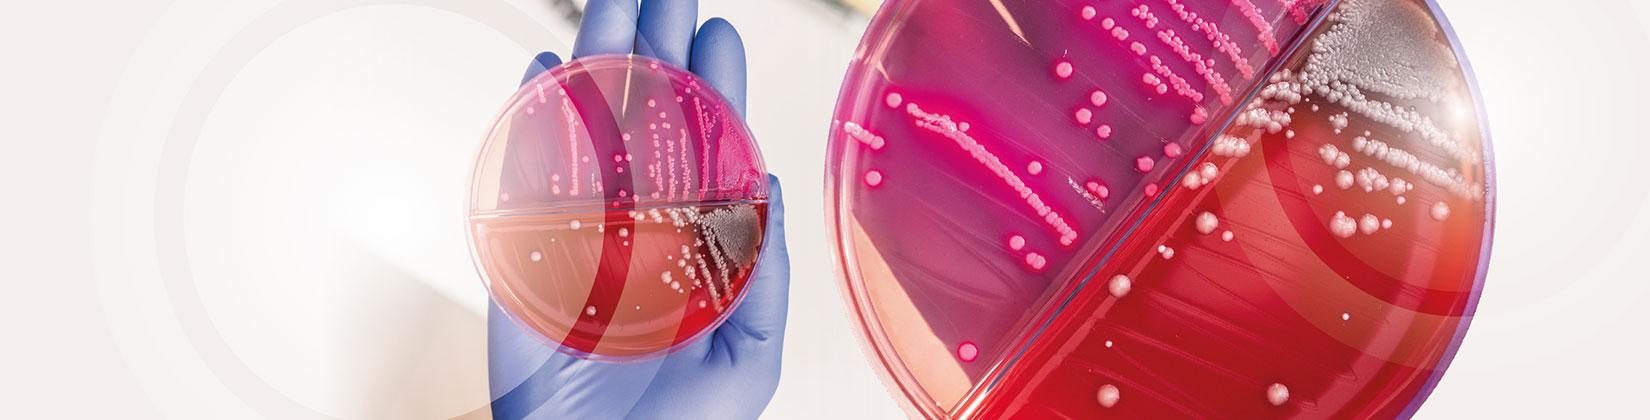 Ανδρολογικό εργαστήριο Ζεγκινιάδου Μικροβιολογία